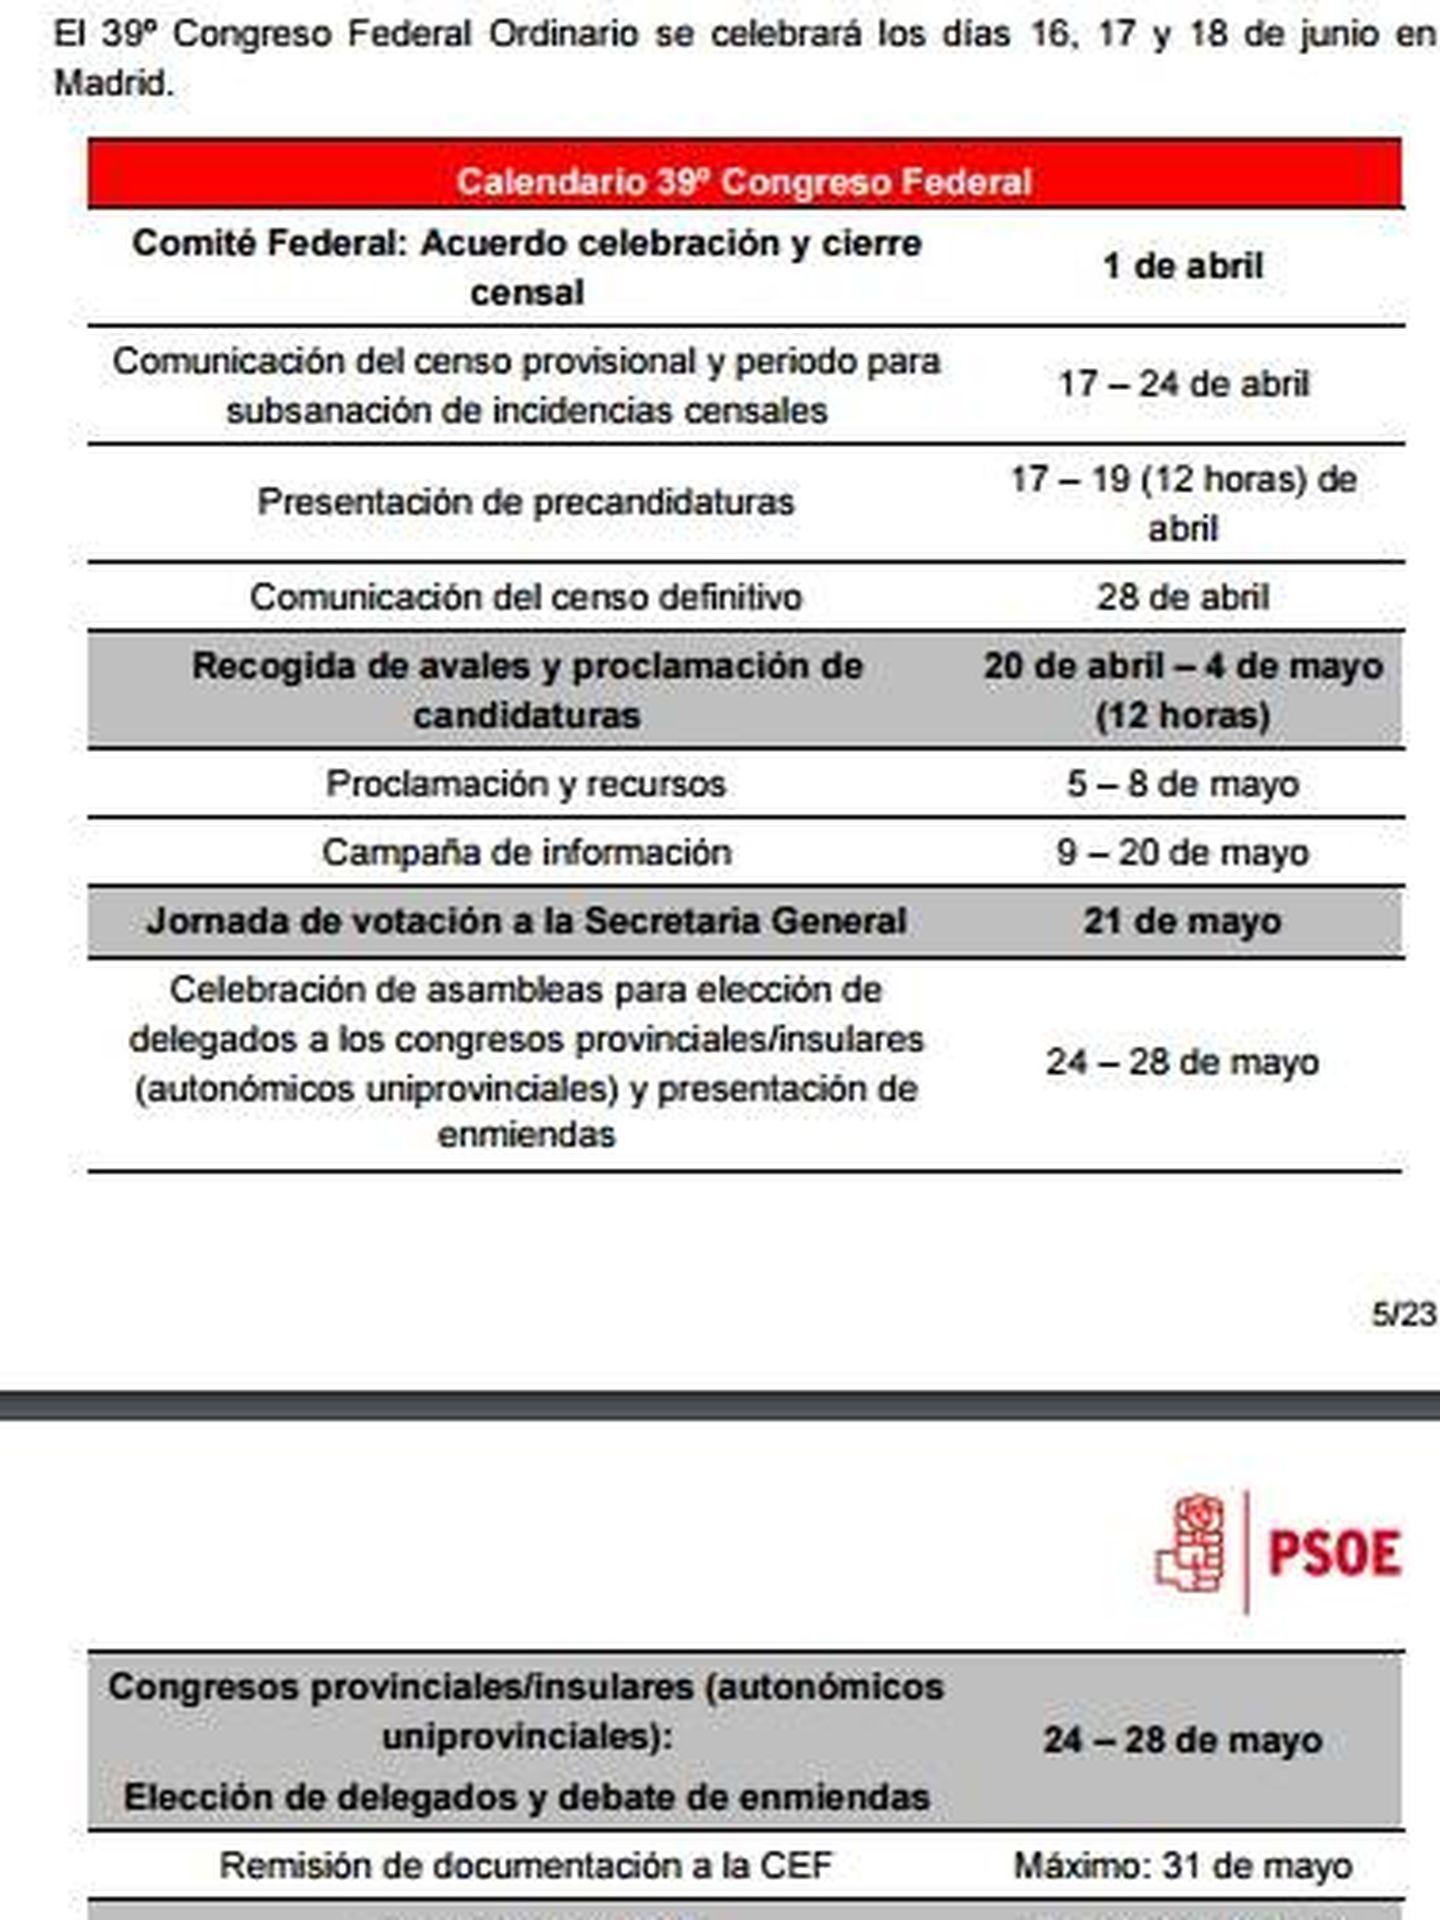 El calendario completo del 39º Congreso del PSOE. (EC)